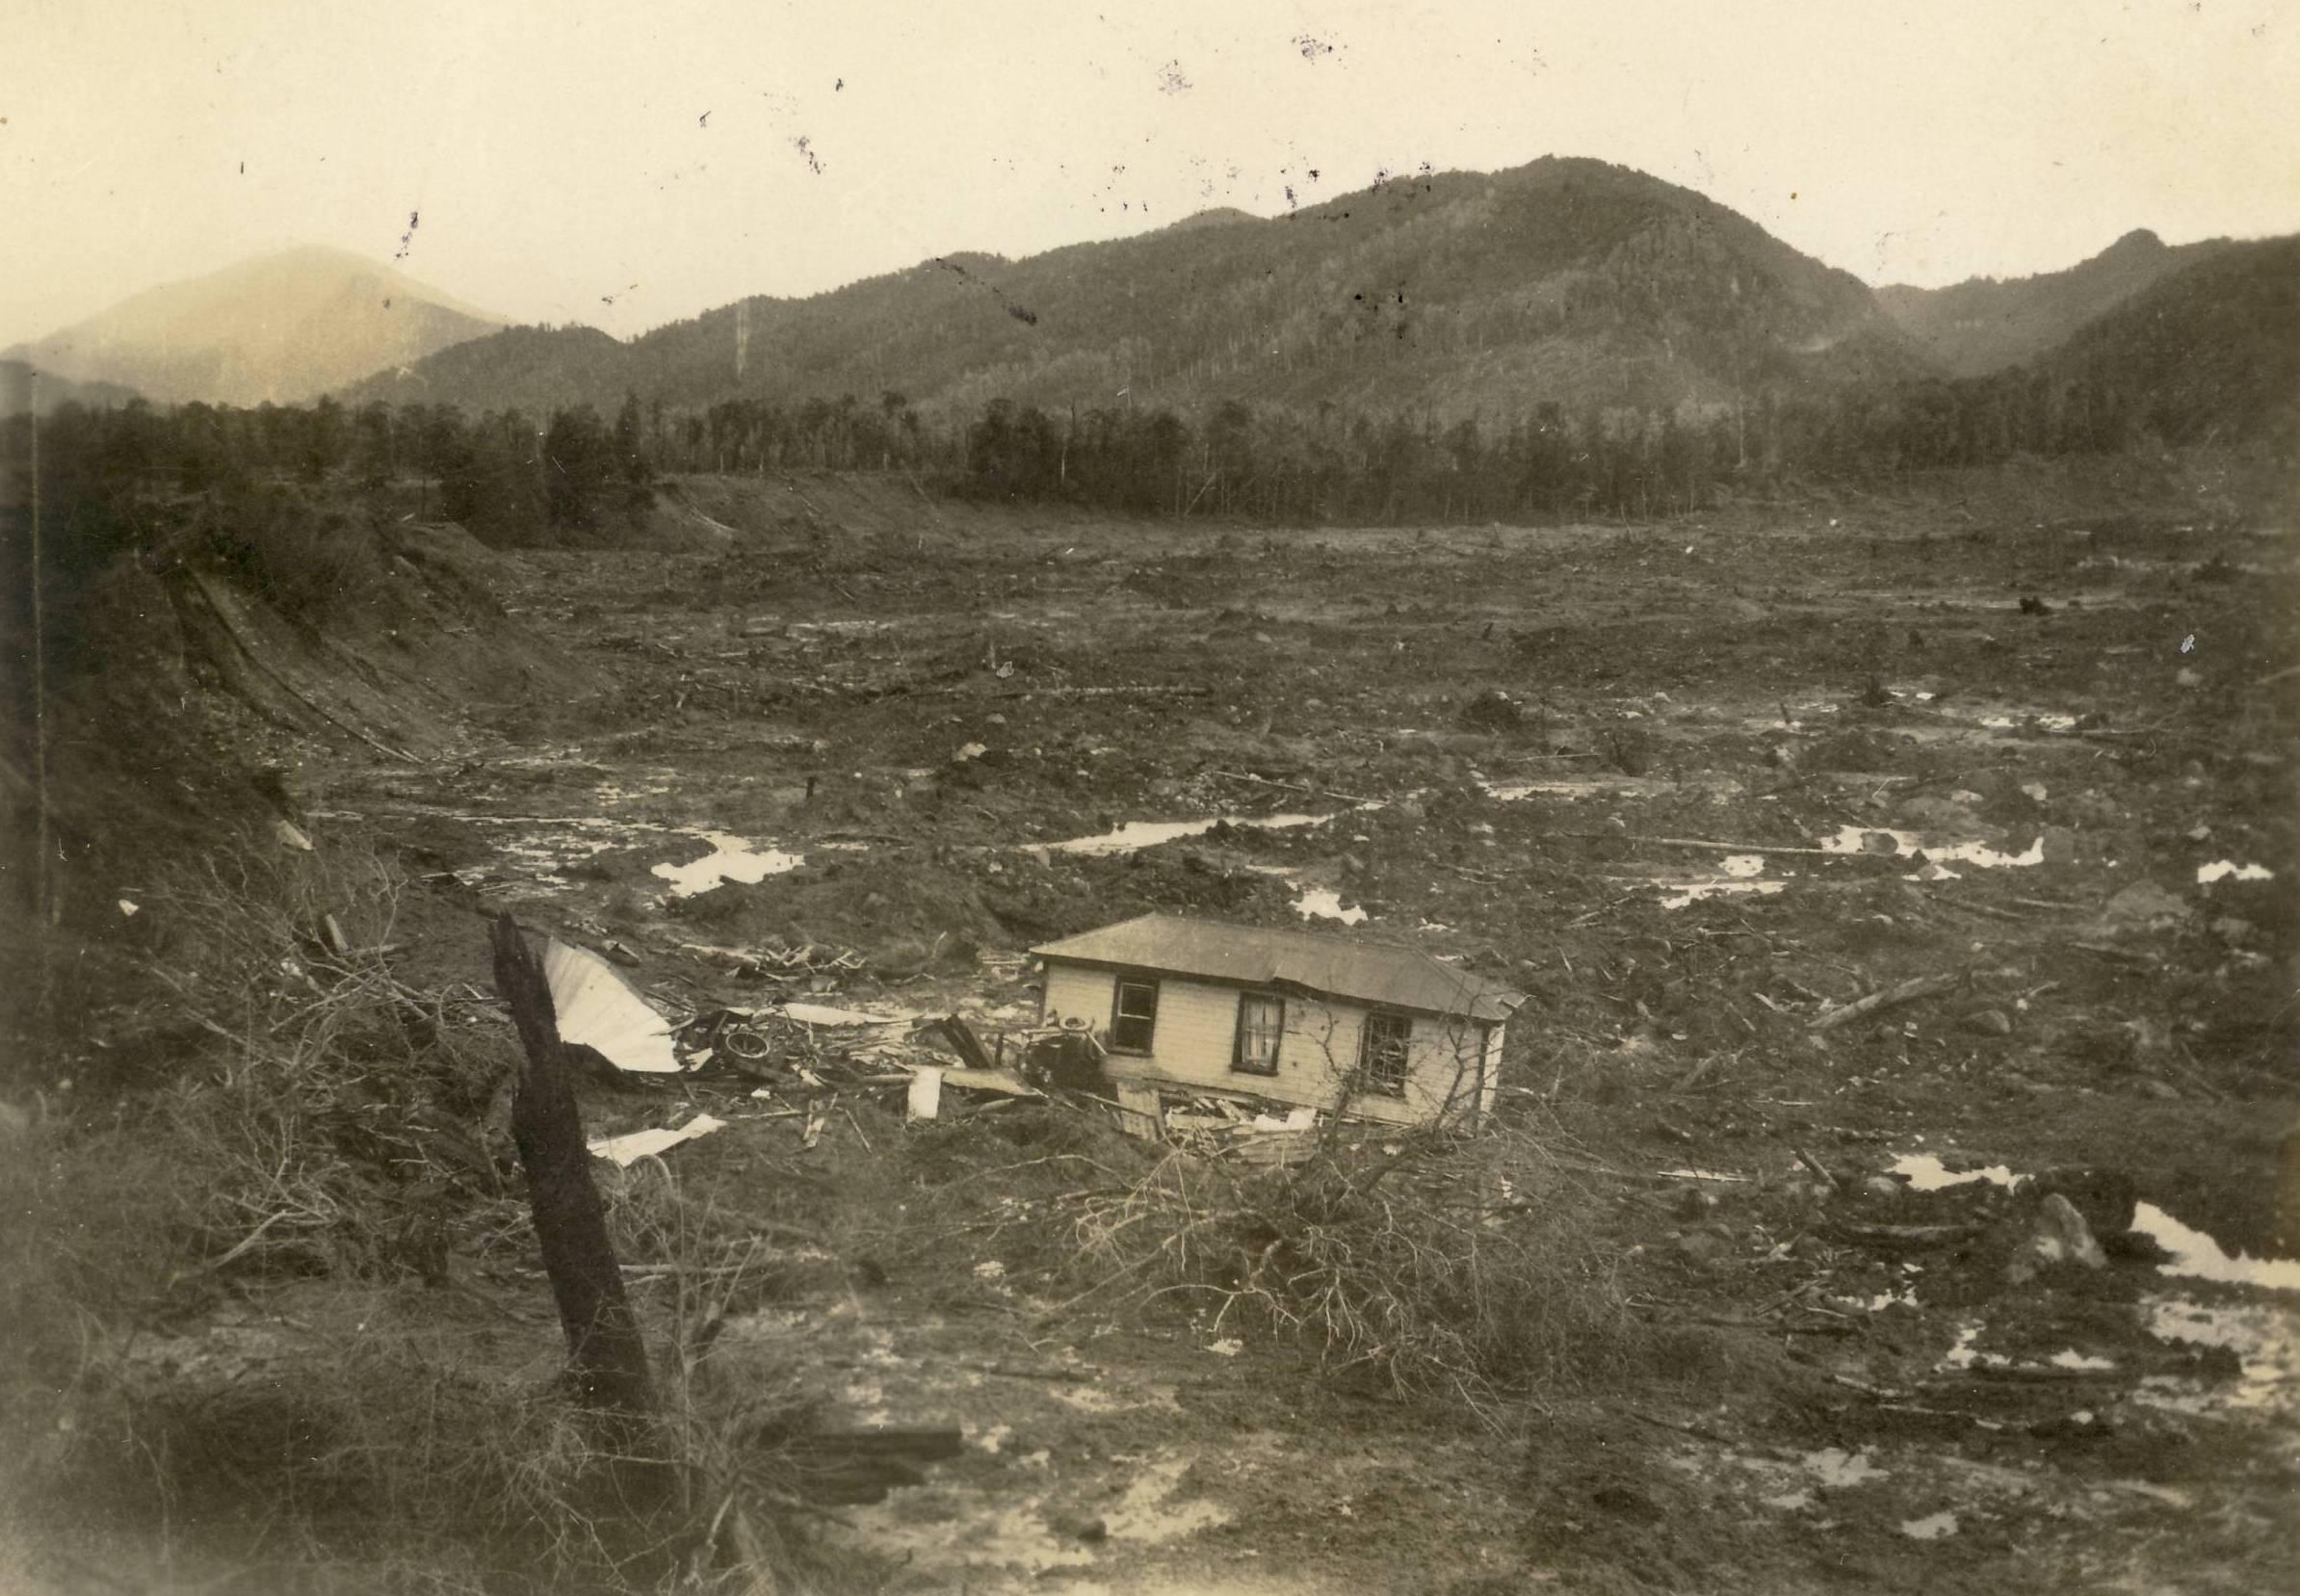 Murchison 1929 earthquake: Survivors and descendants